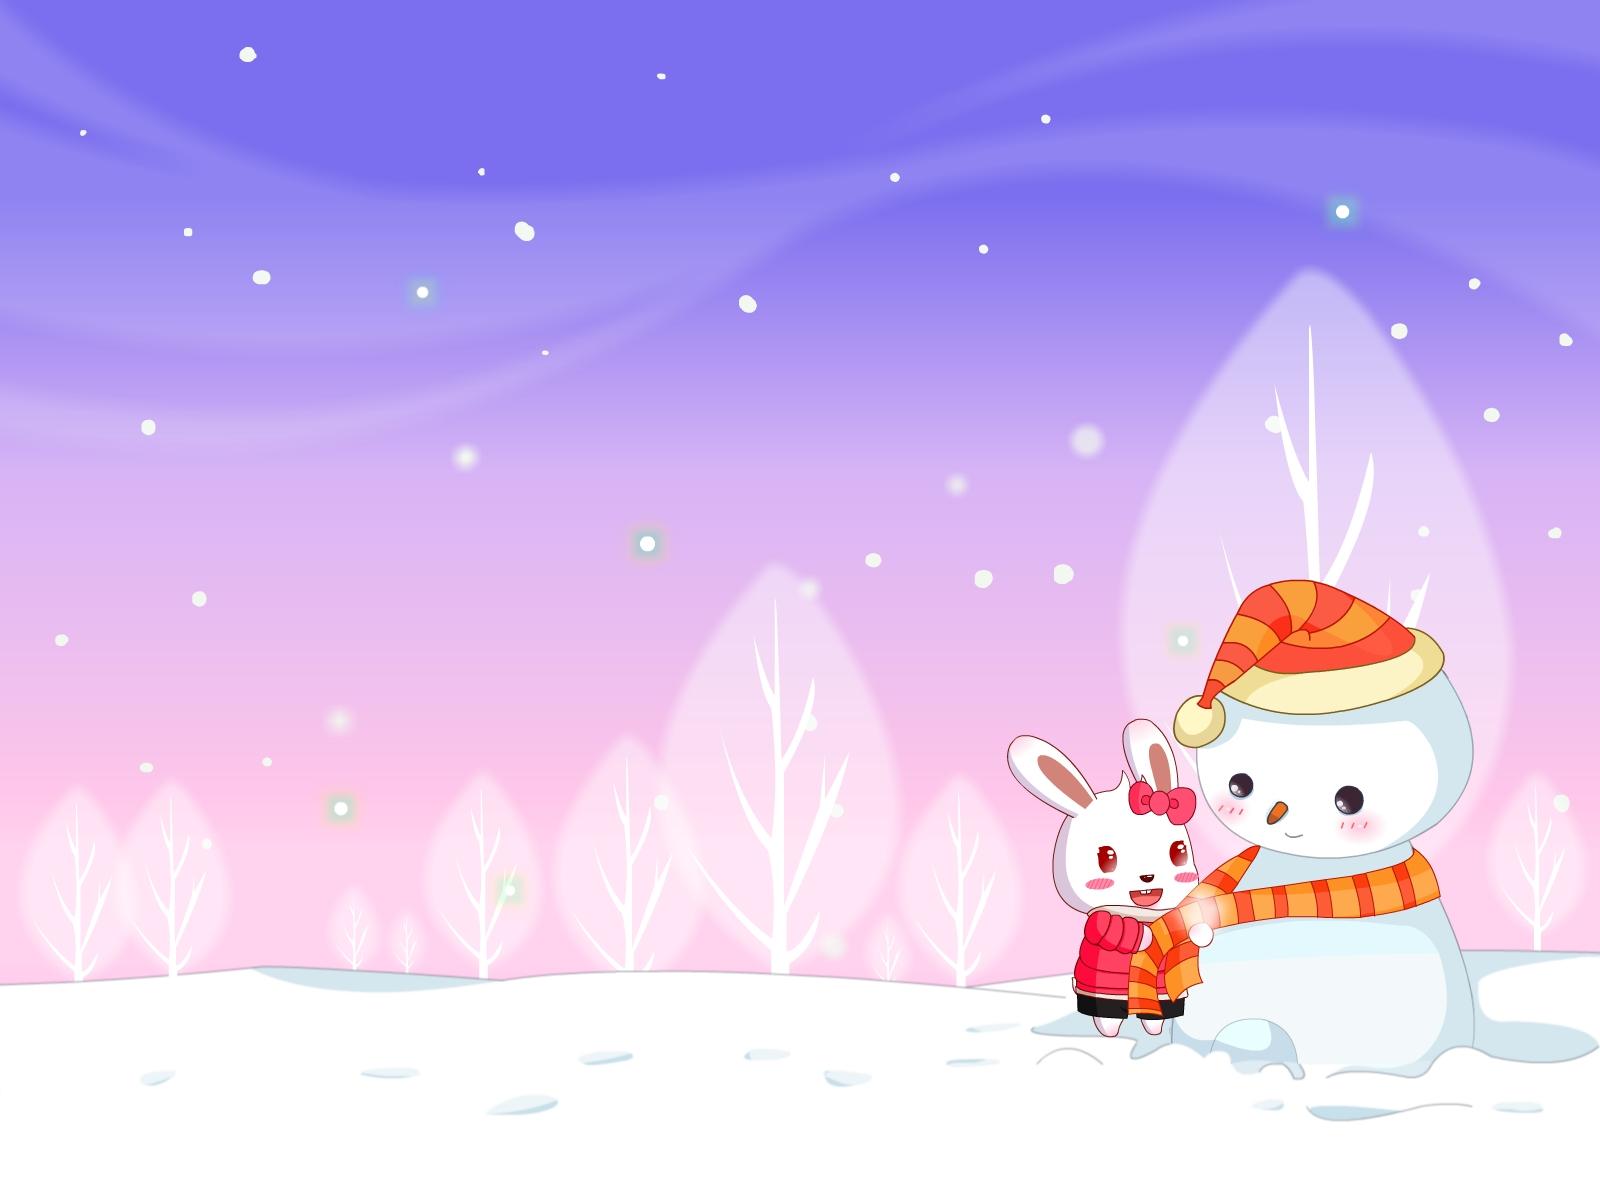 雪人的礼物